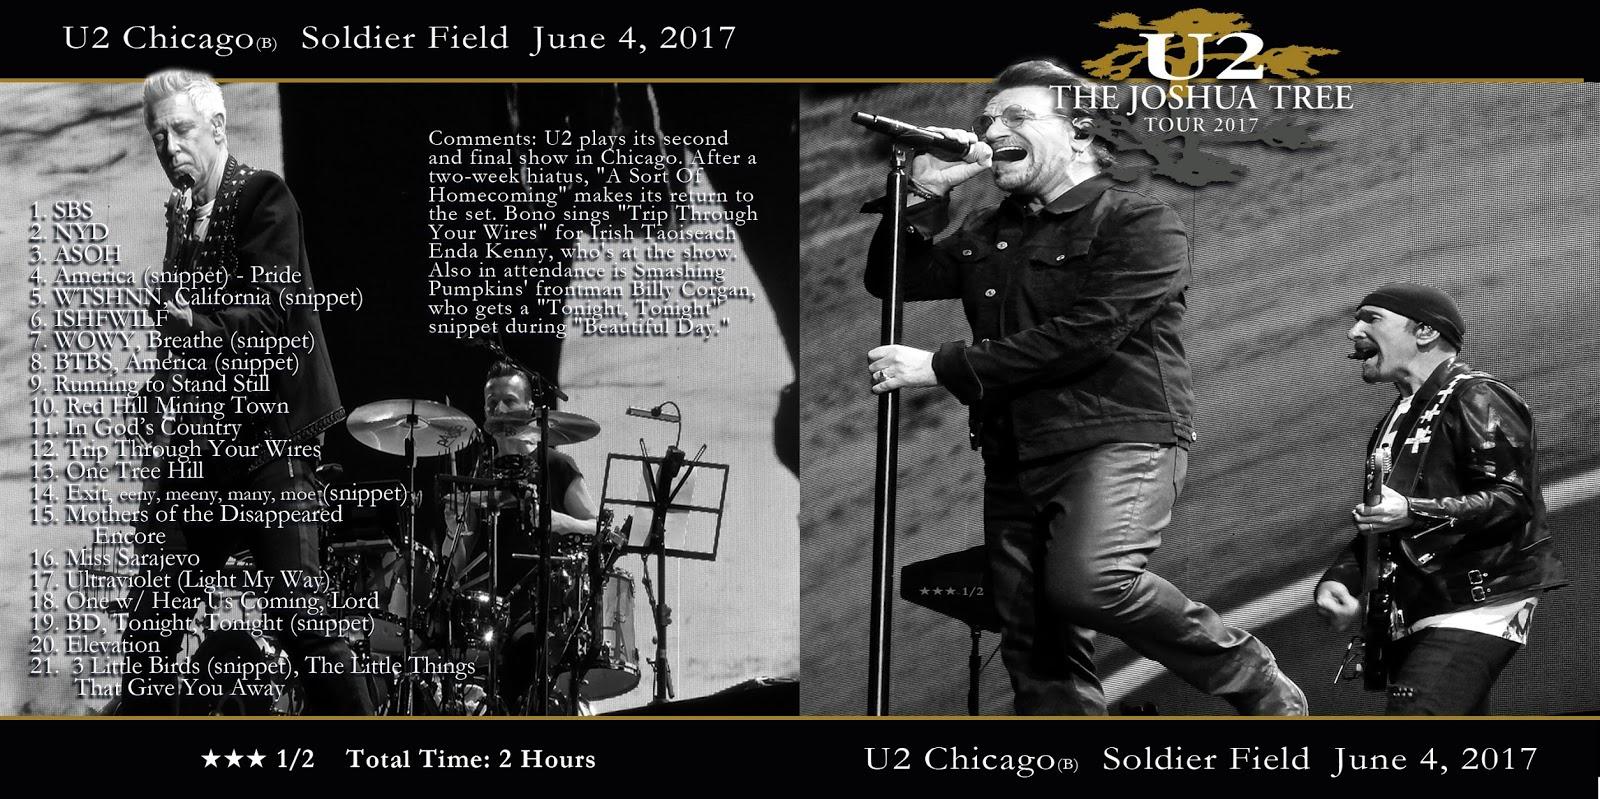 illustrationISM: U2 Chicago June 4th cover